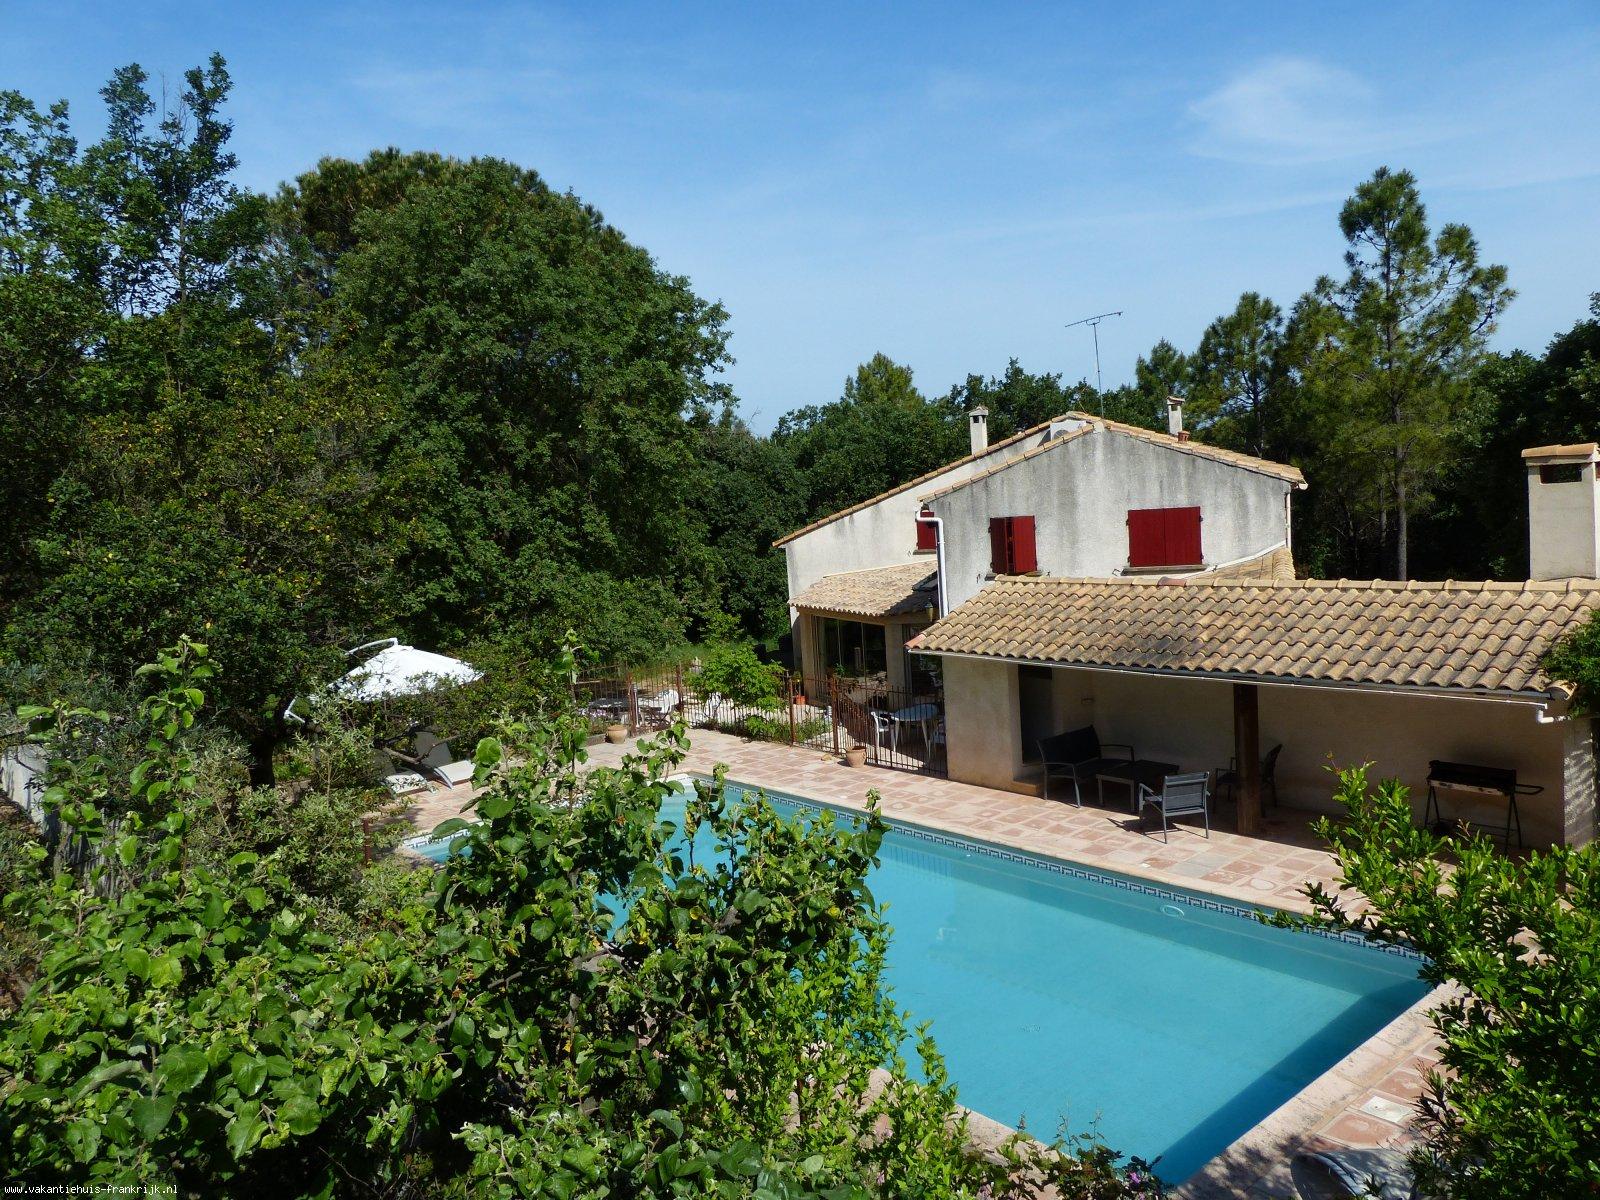 Vakantiehuis: Mooi vakantiehuis met groot zwembad aan de rand van de Provence te huur voor uw vakantie in Gard (Frankrijk)